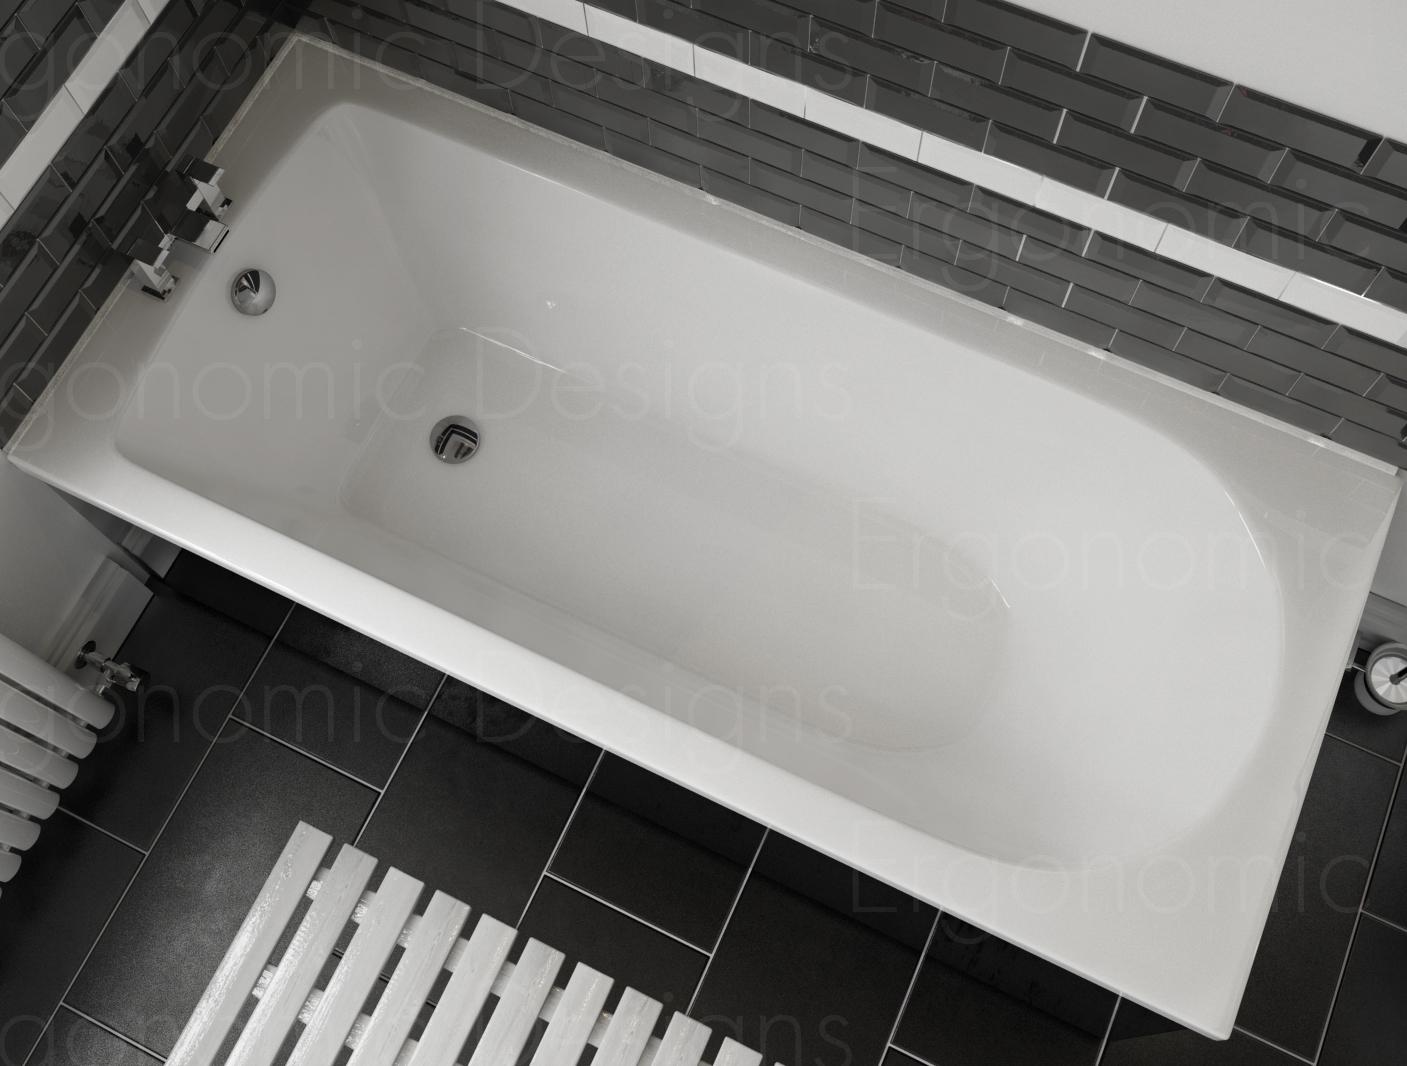 1500 X 700 Straight Standard Bath Modern Bathroom Acrylic Single ...